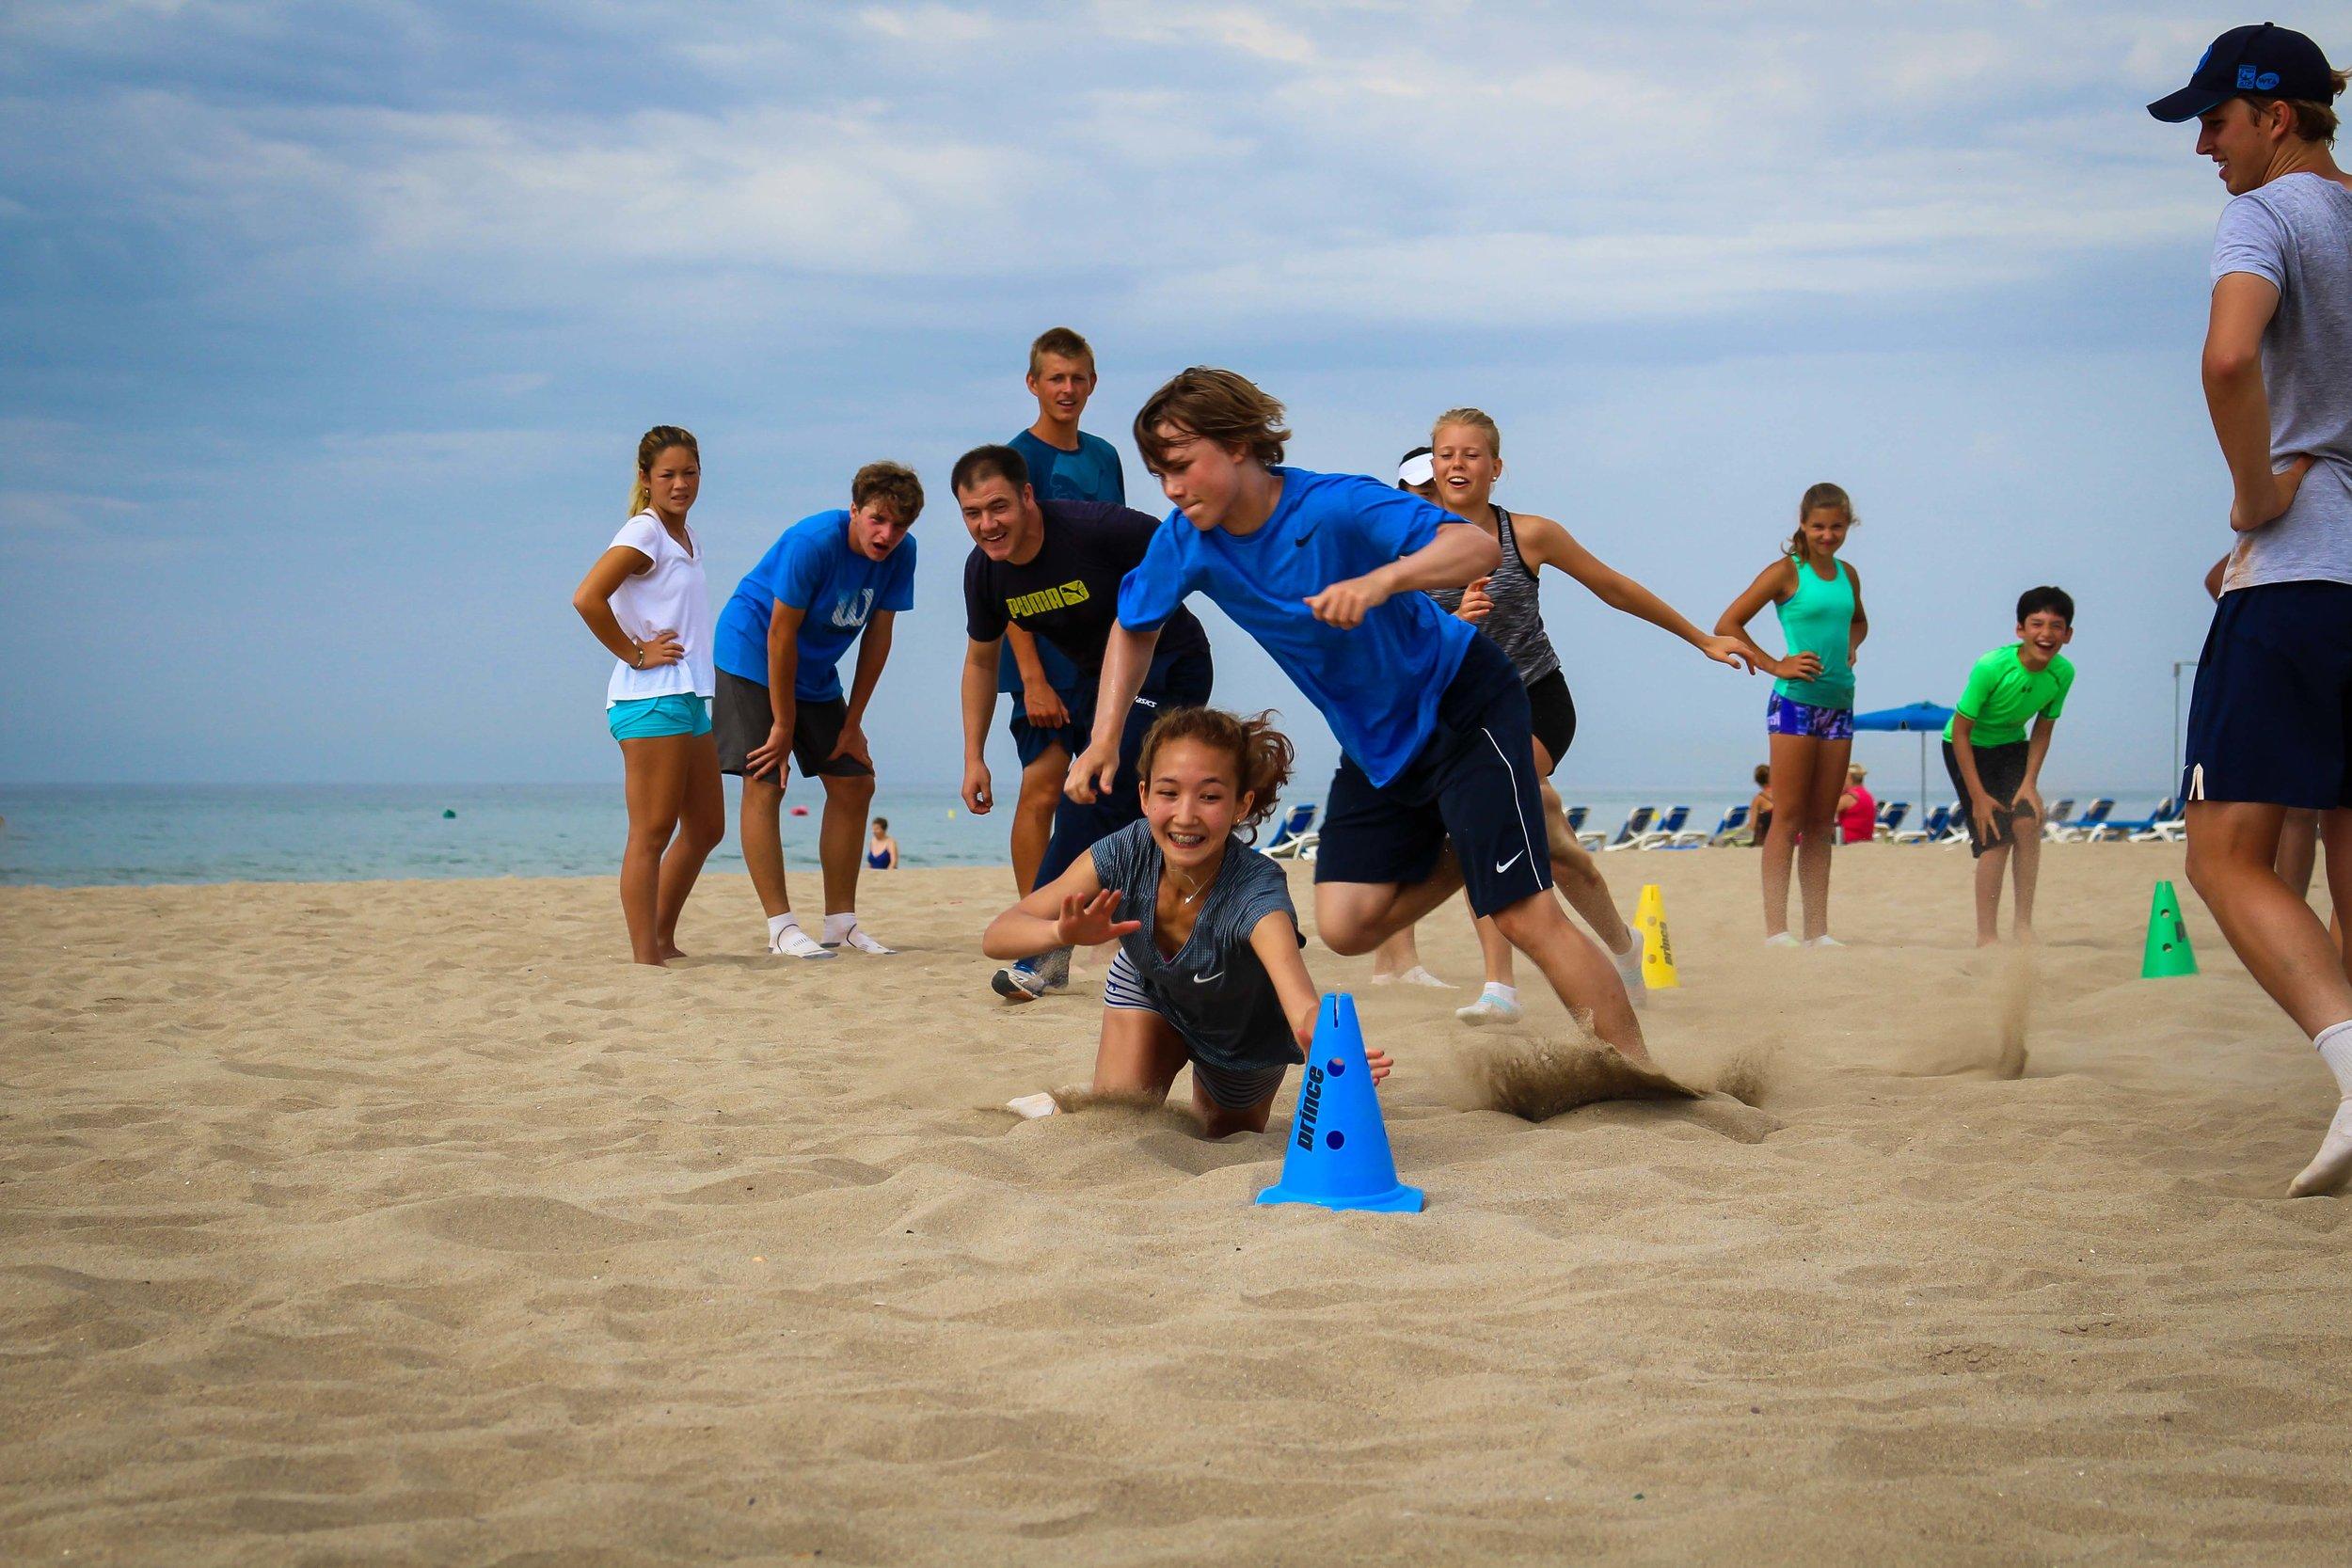 barcelona-tennis-academy-beach